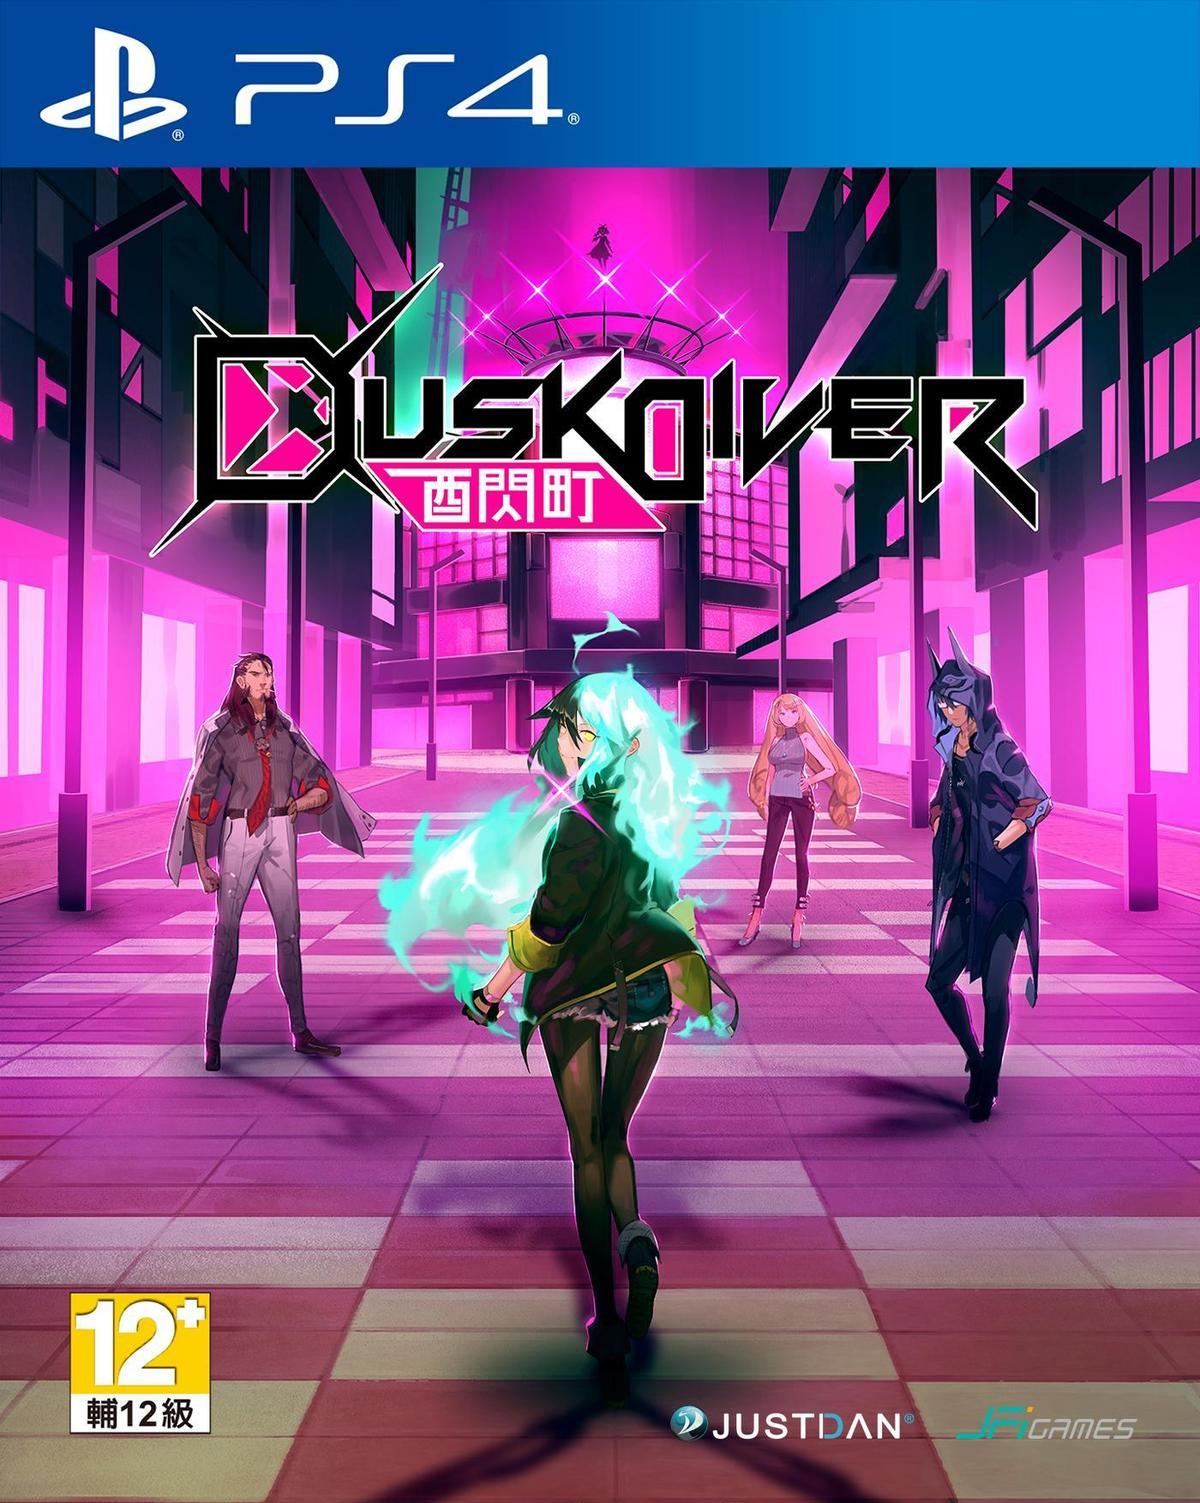 《Dusk Diver 酉閃町》的家用主機版不僅會透過線上商店發行,也將交由遊戲代理商發行實體版本。(傑仕登提供)